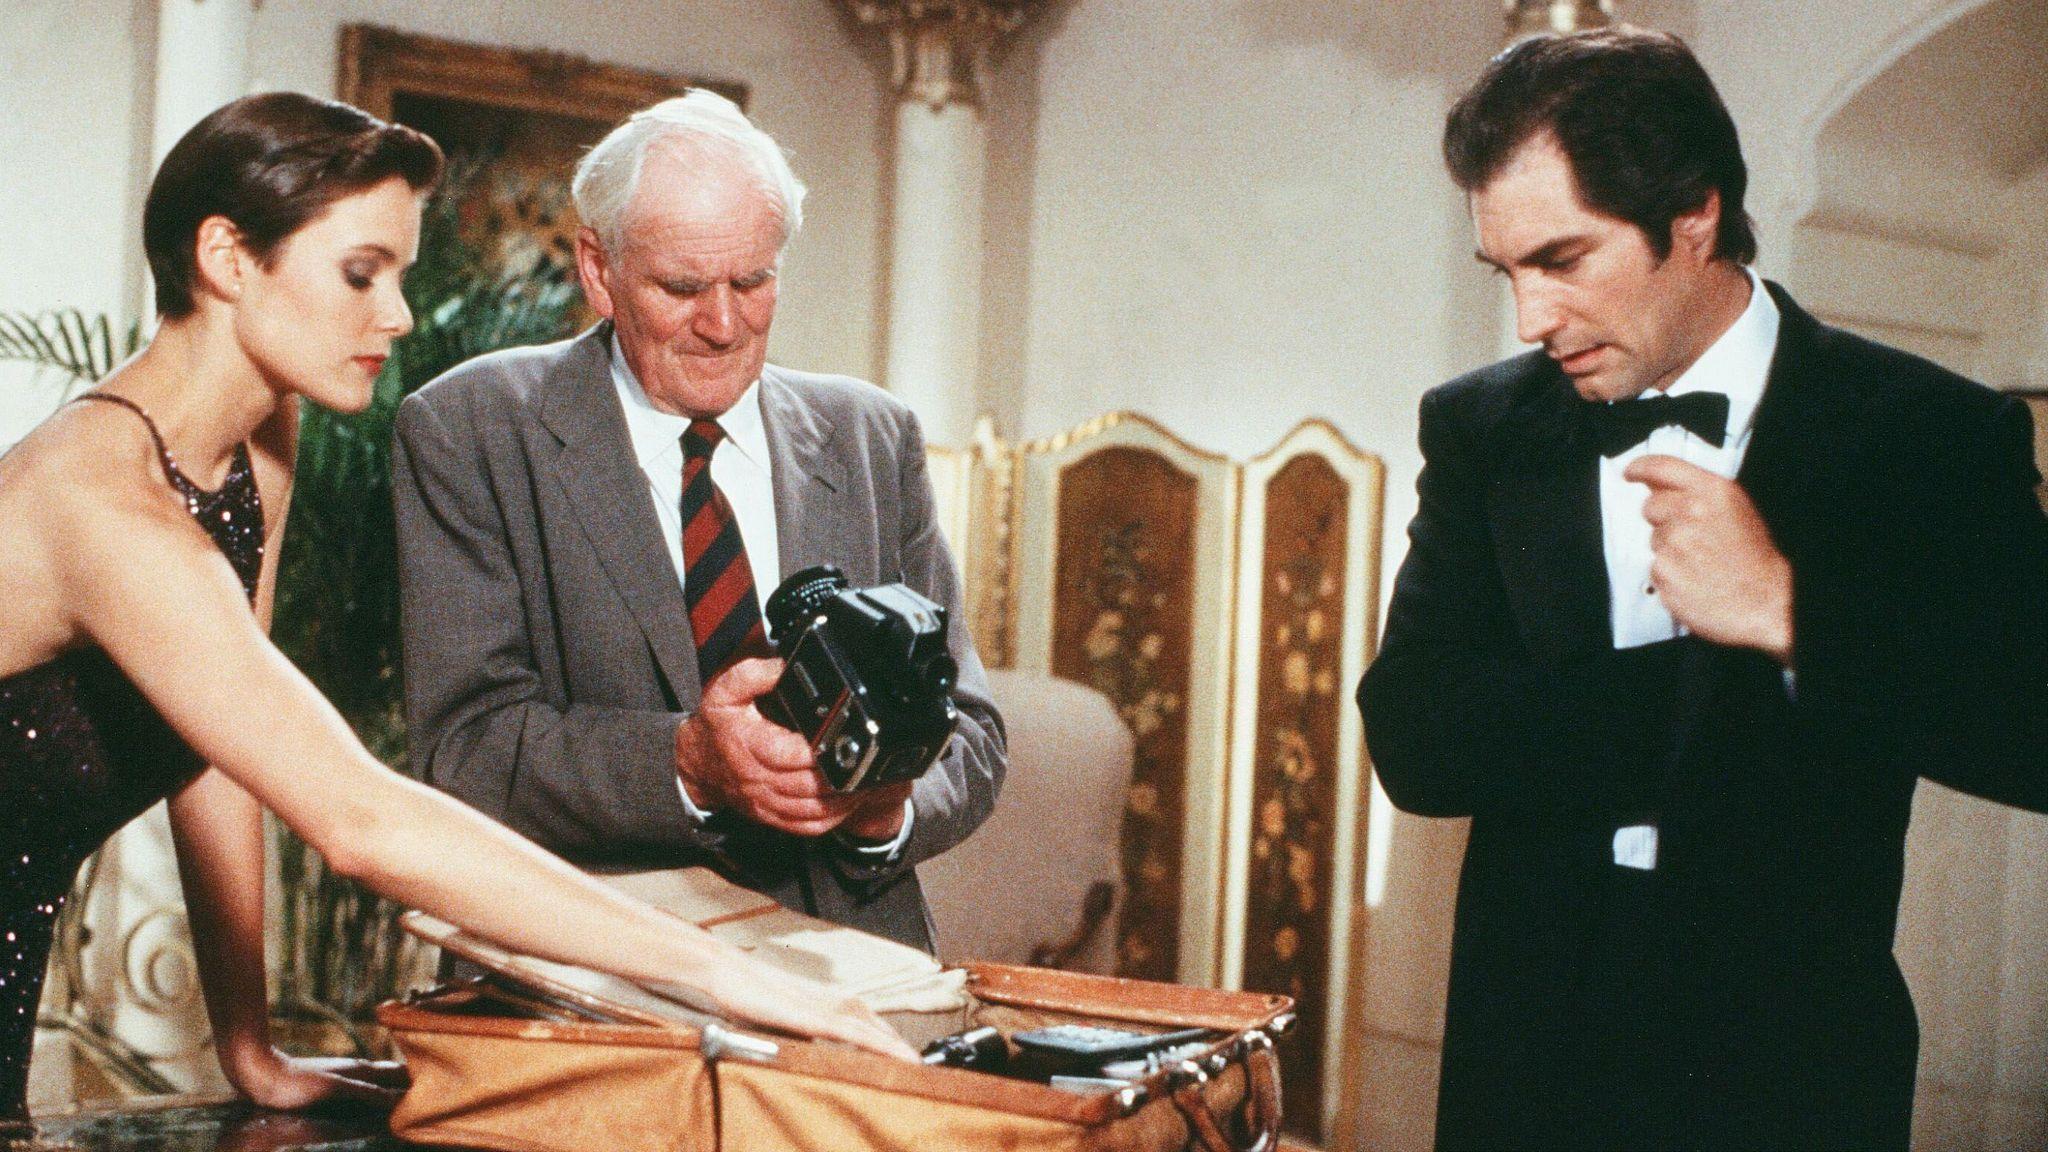 Licence To Kill - 1989 Carey Lowell, Desmond Llewelyn, Timothy Dalton